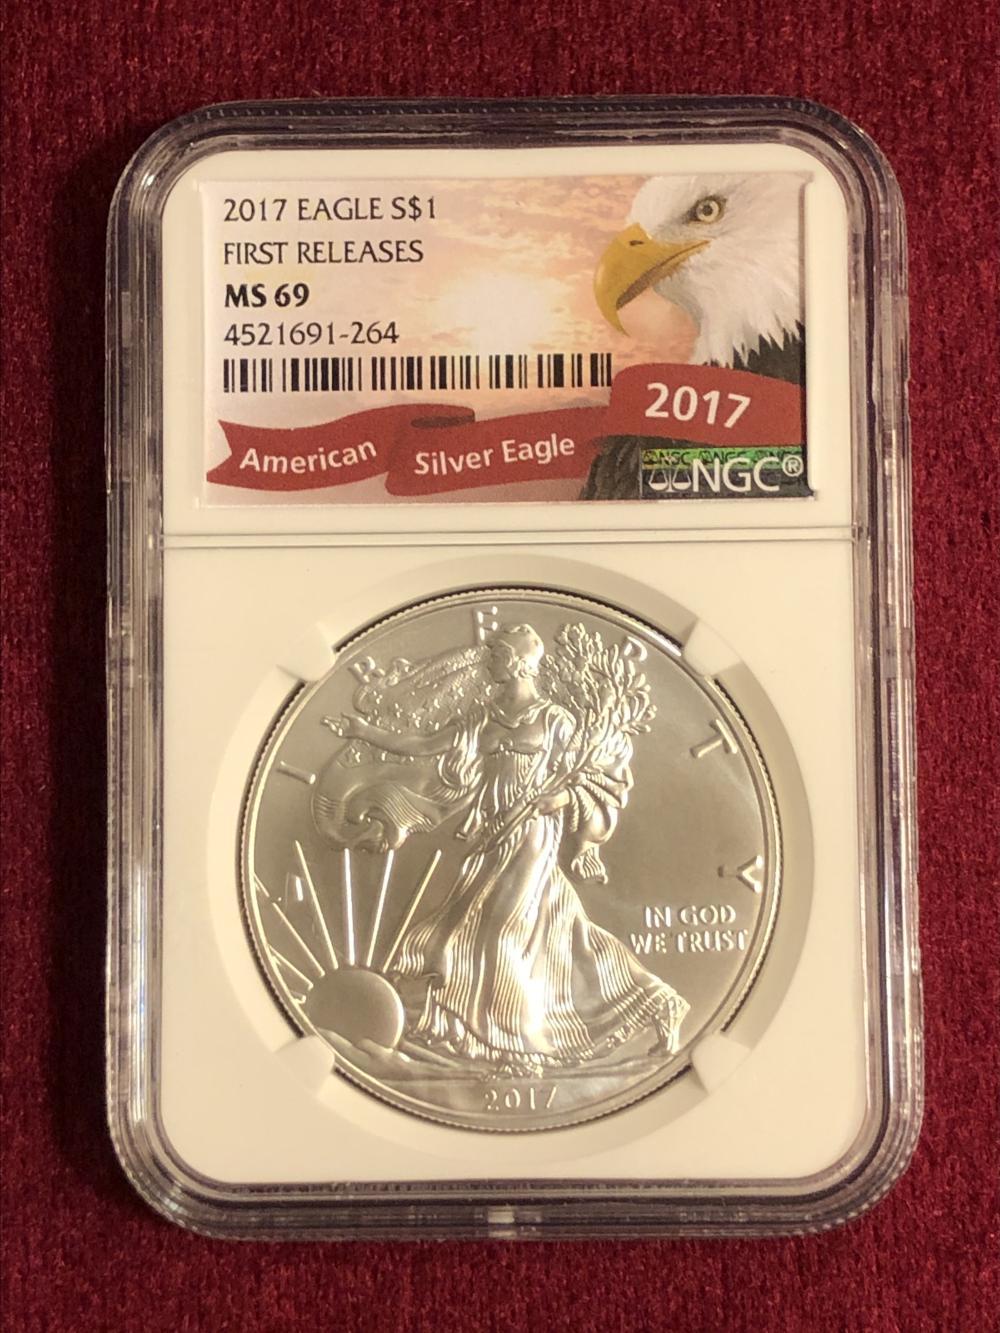 2017 1 oz. fine silver eagle coin